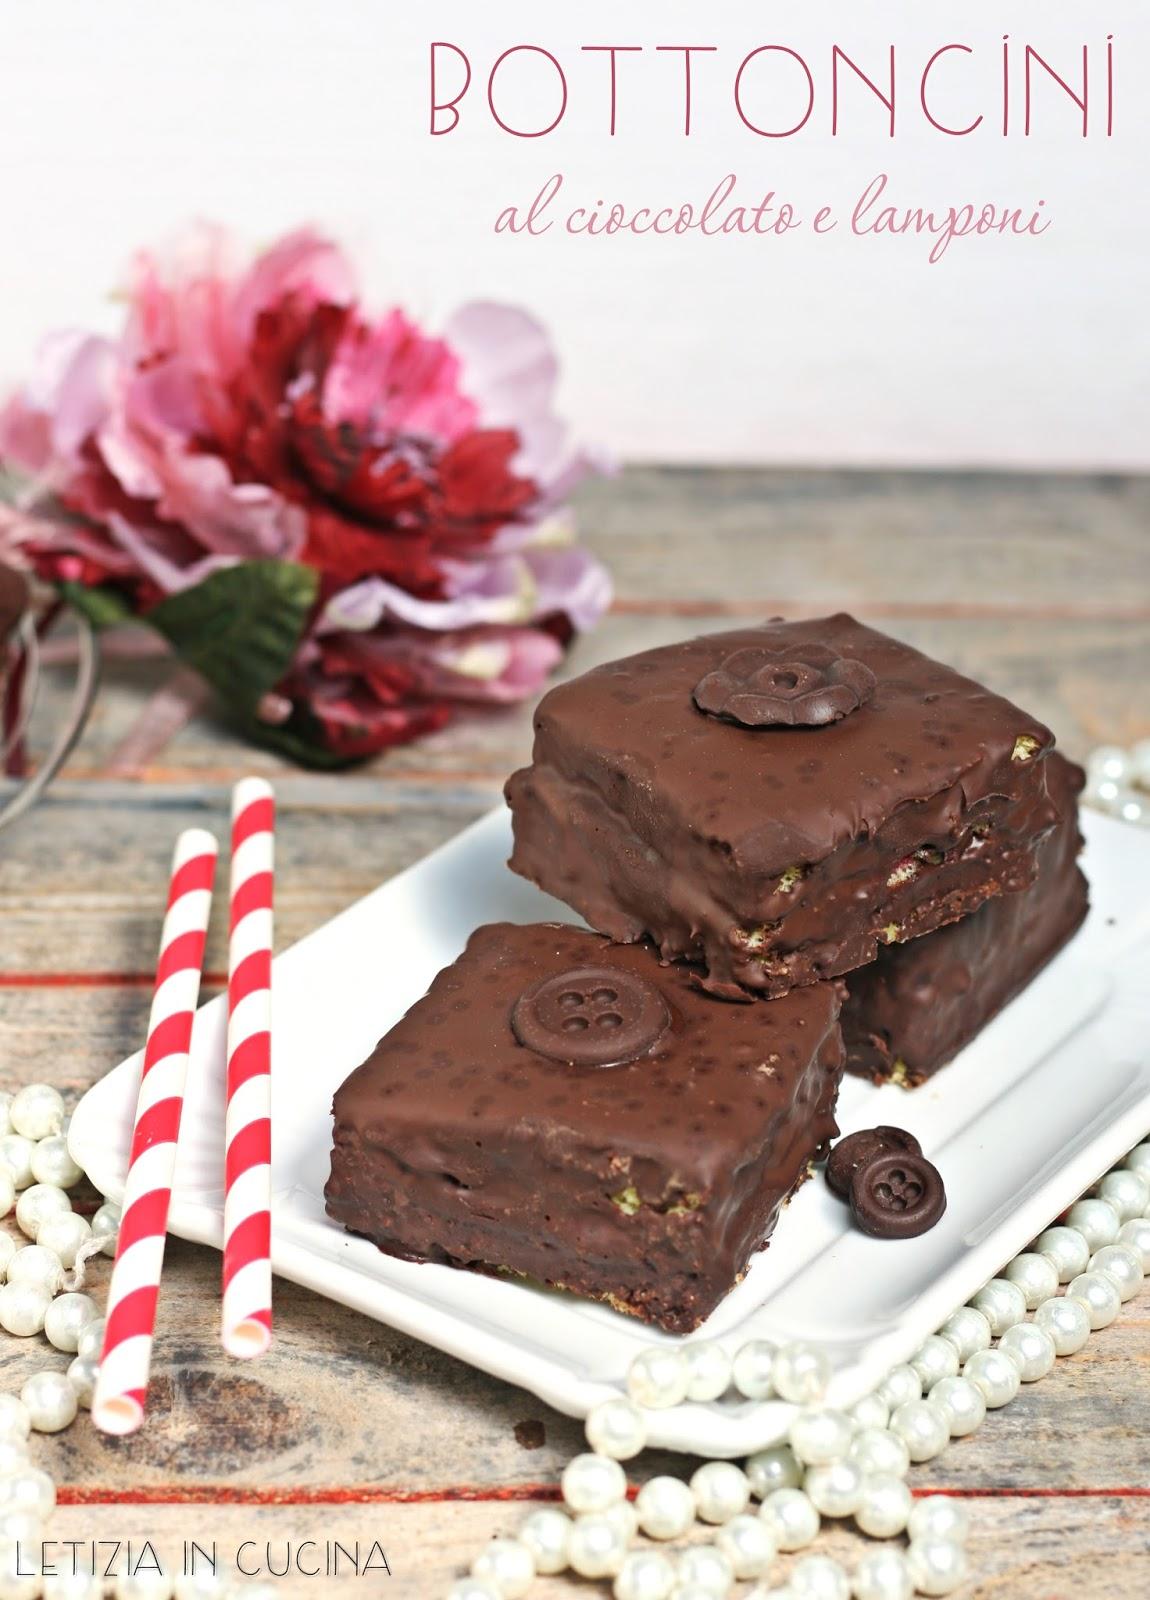 Letizia in Cucina: Bottoncini al cioccolato e lamponi - Cakes Lab